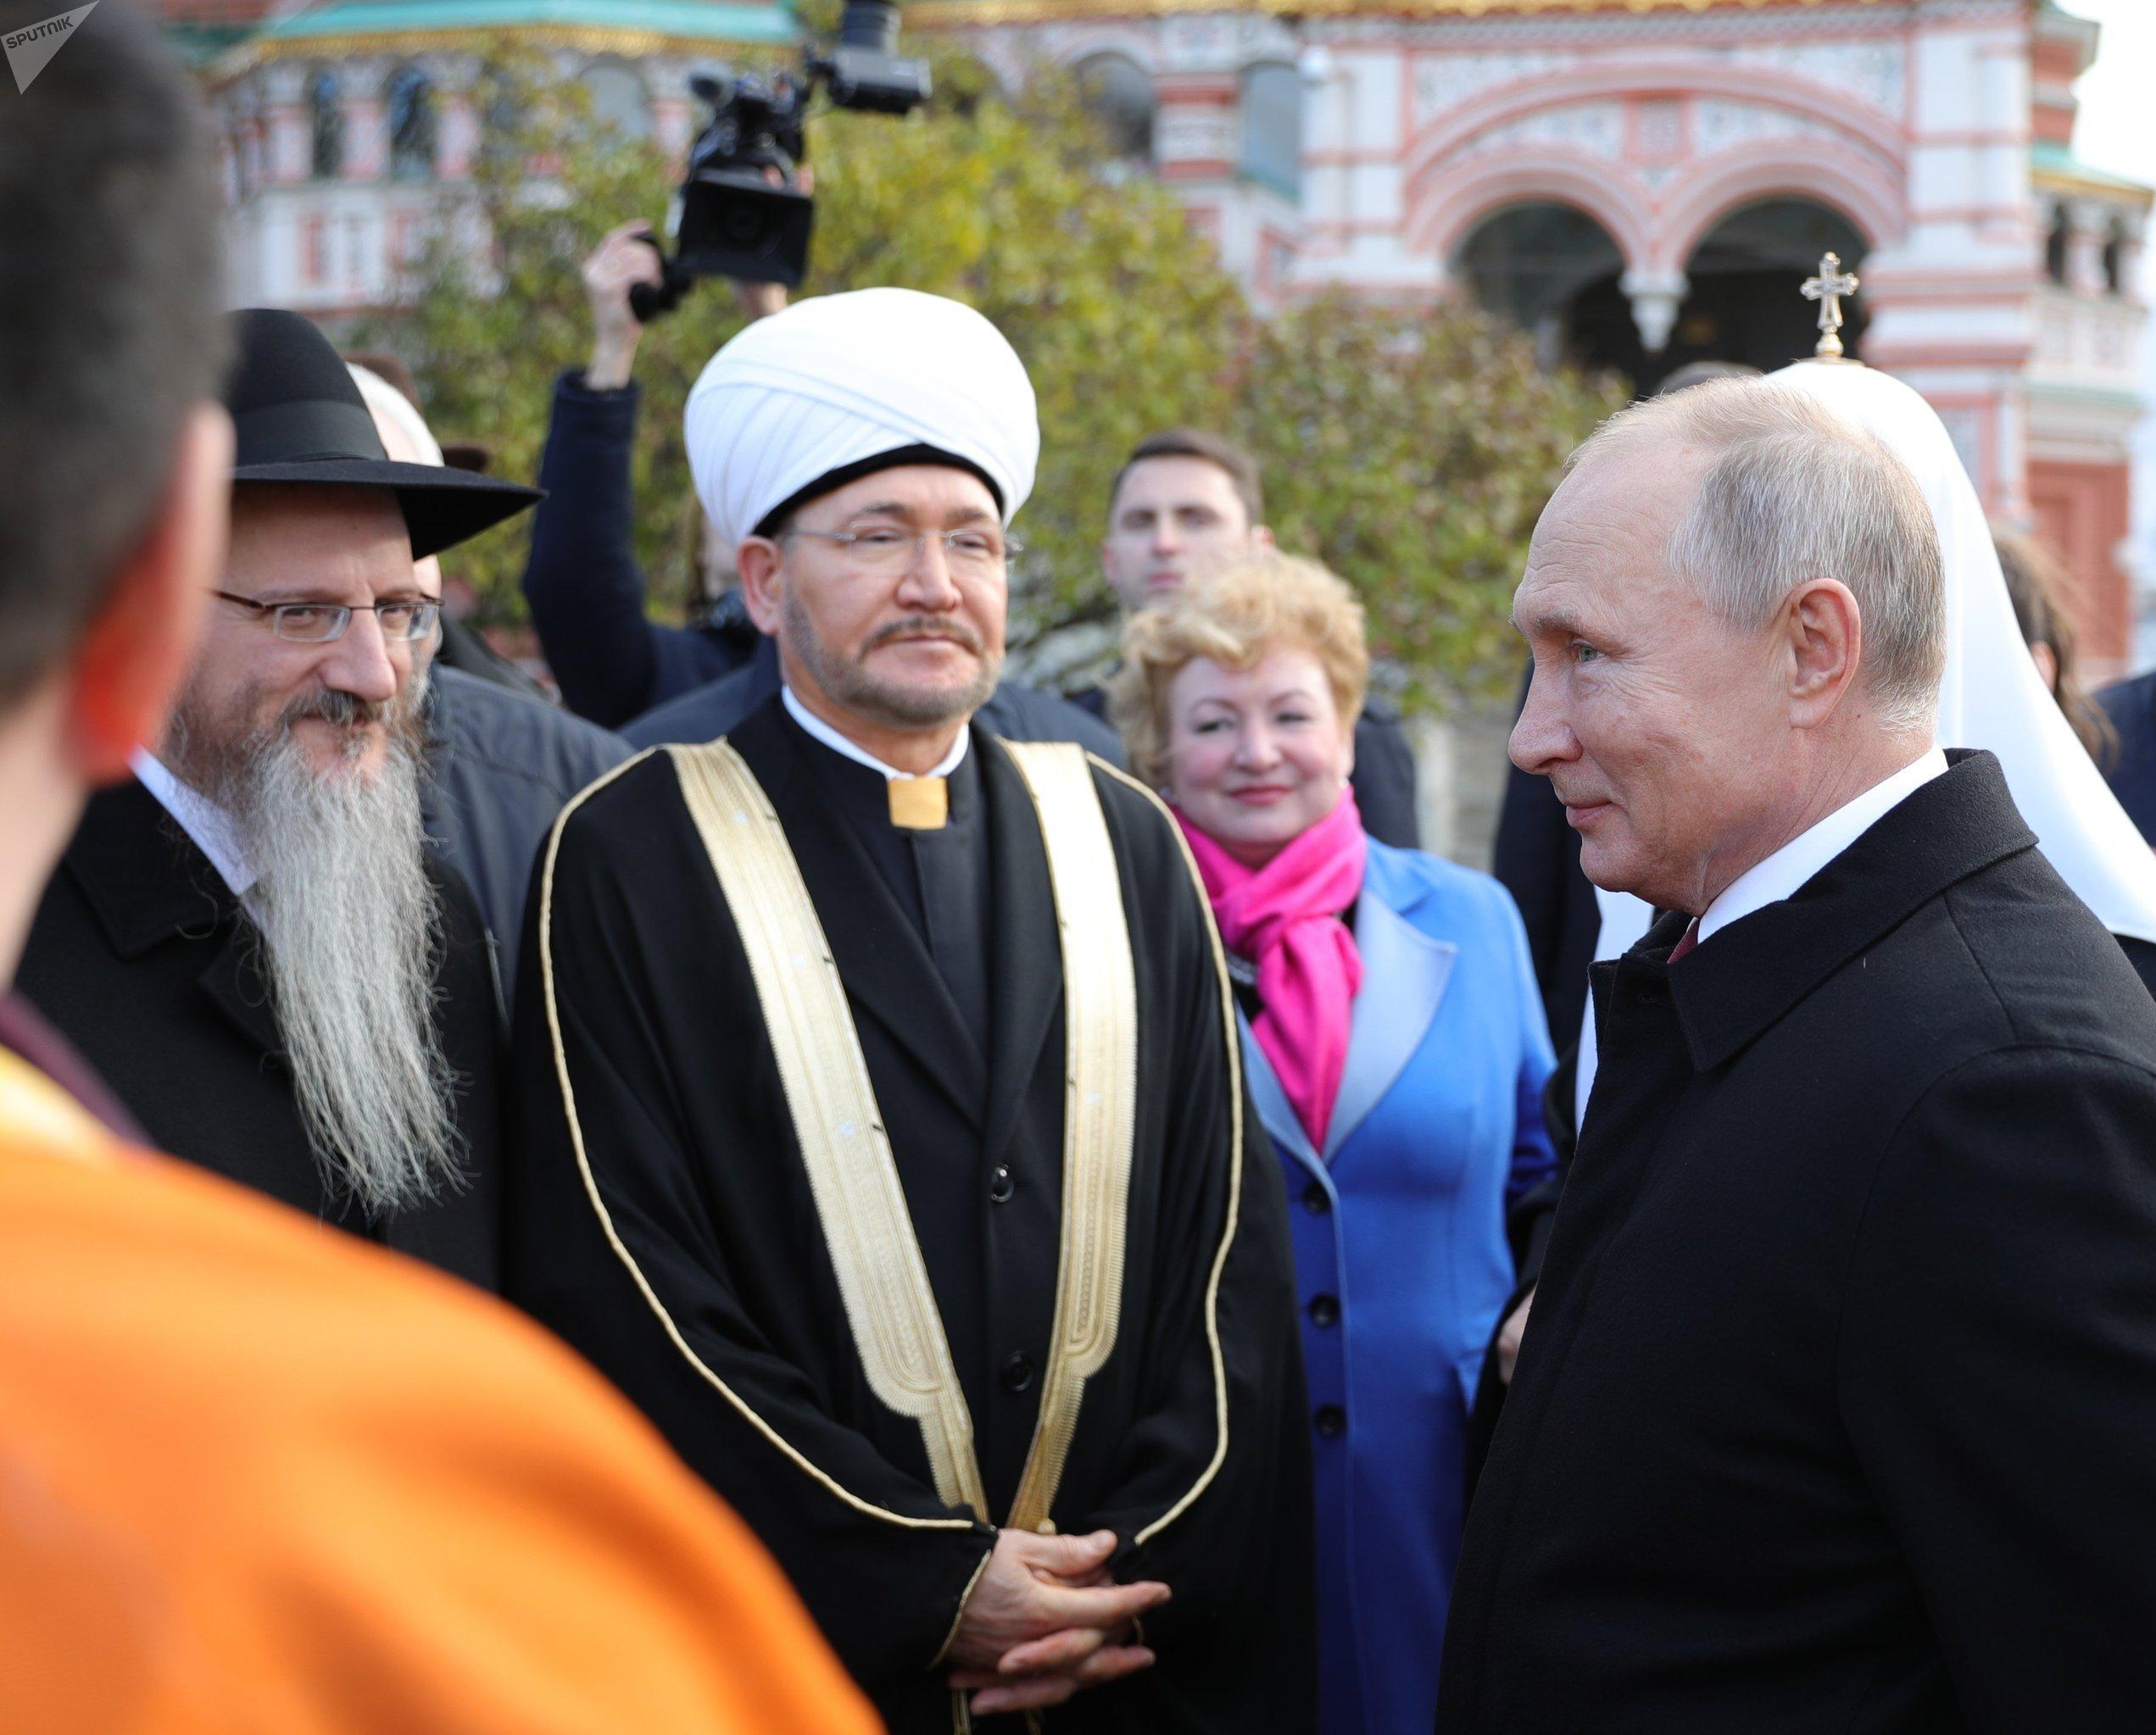 El presidente Vladímir Putin, el rabino principal de Rusia, Berel Lazar, y el presidente del Consejo de Muftíes de Rusia, Ravil Gainutdin.